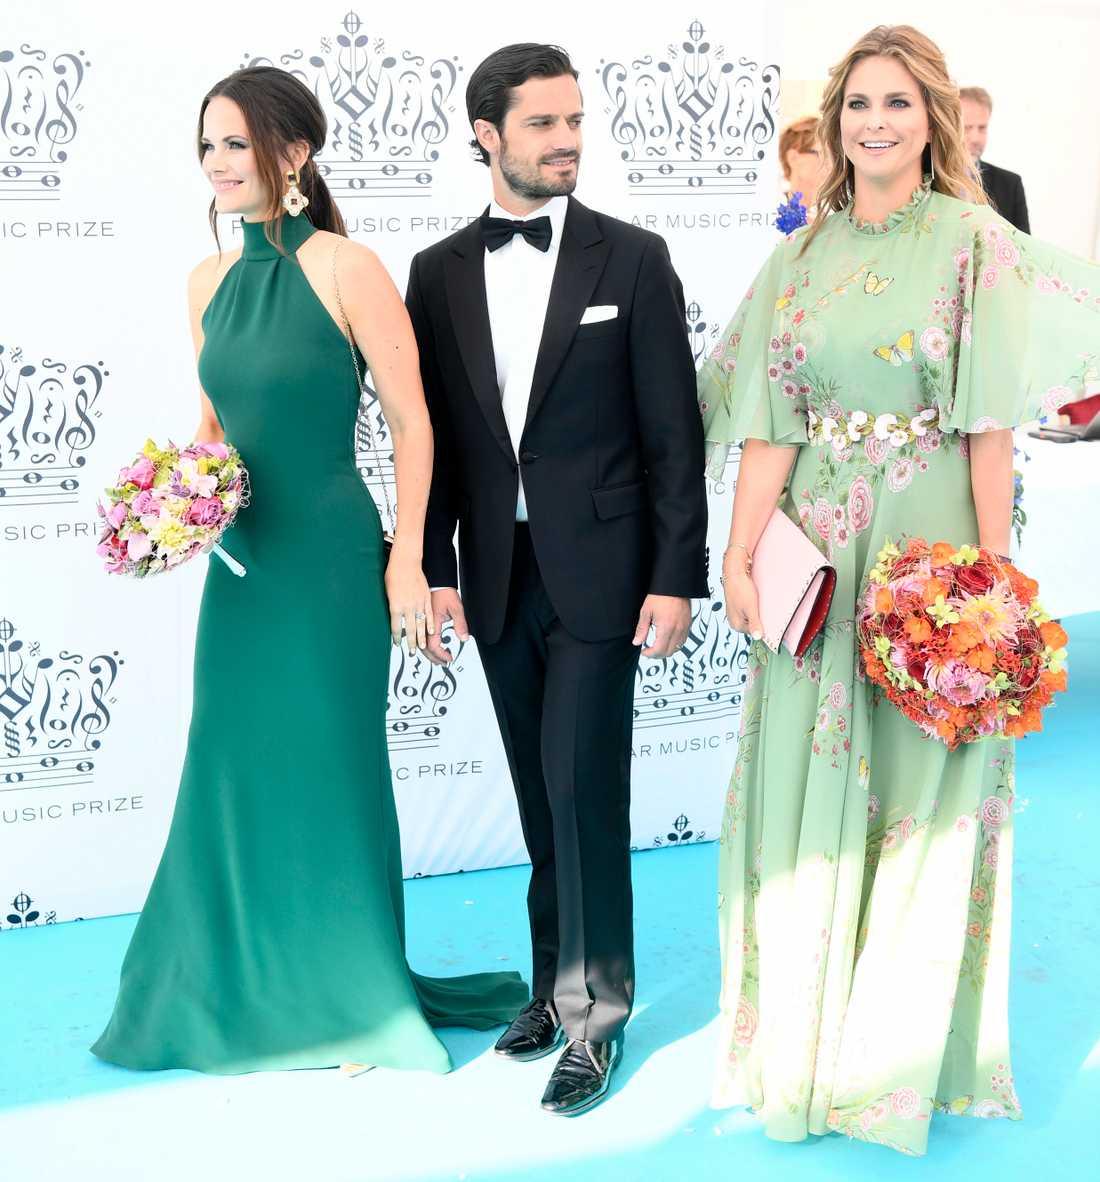 Prinsessan Sofia, prins Carl Philip och prinsessan Madeleine.